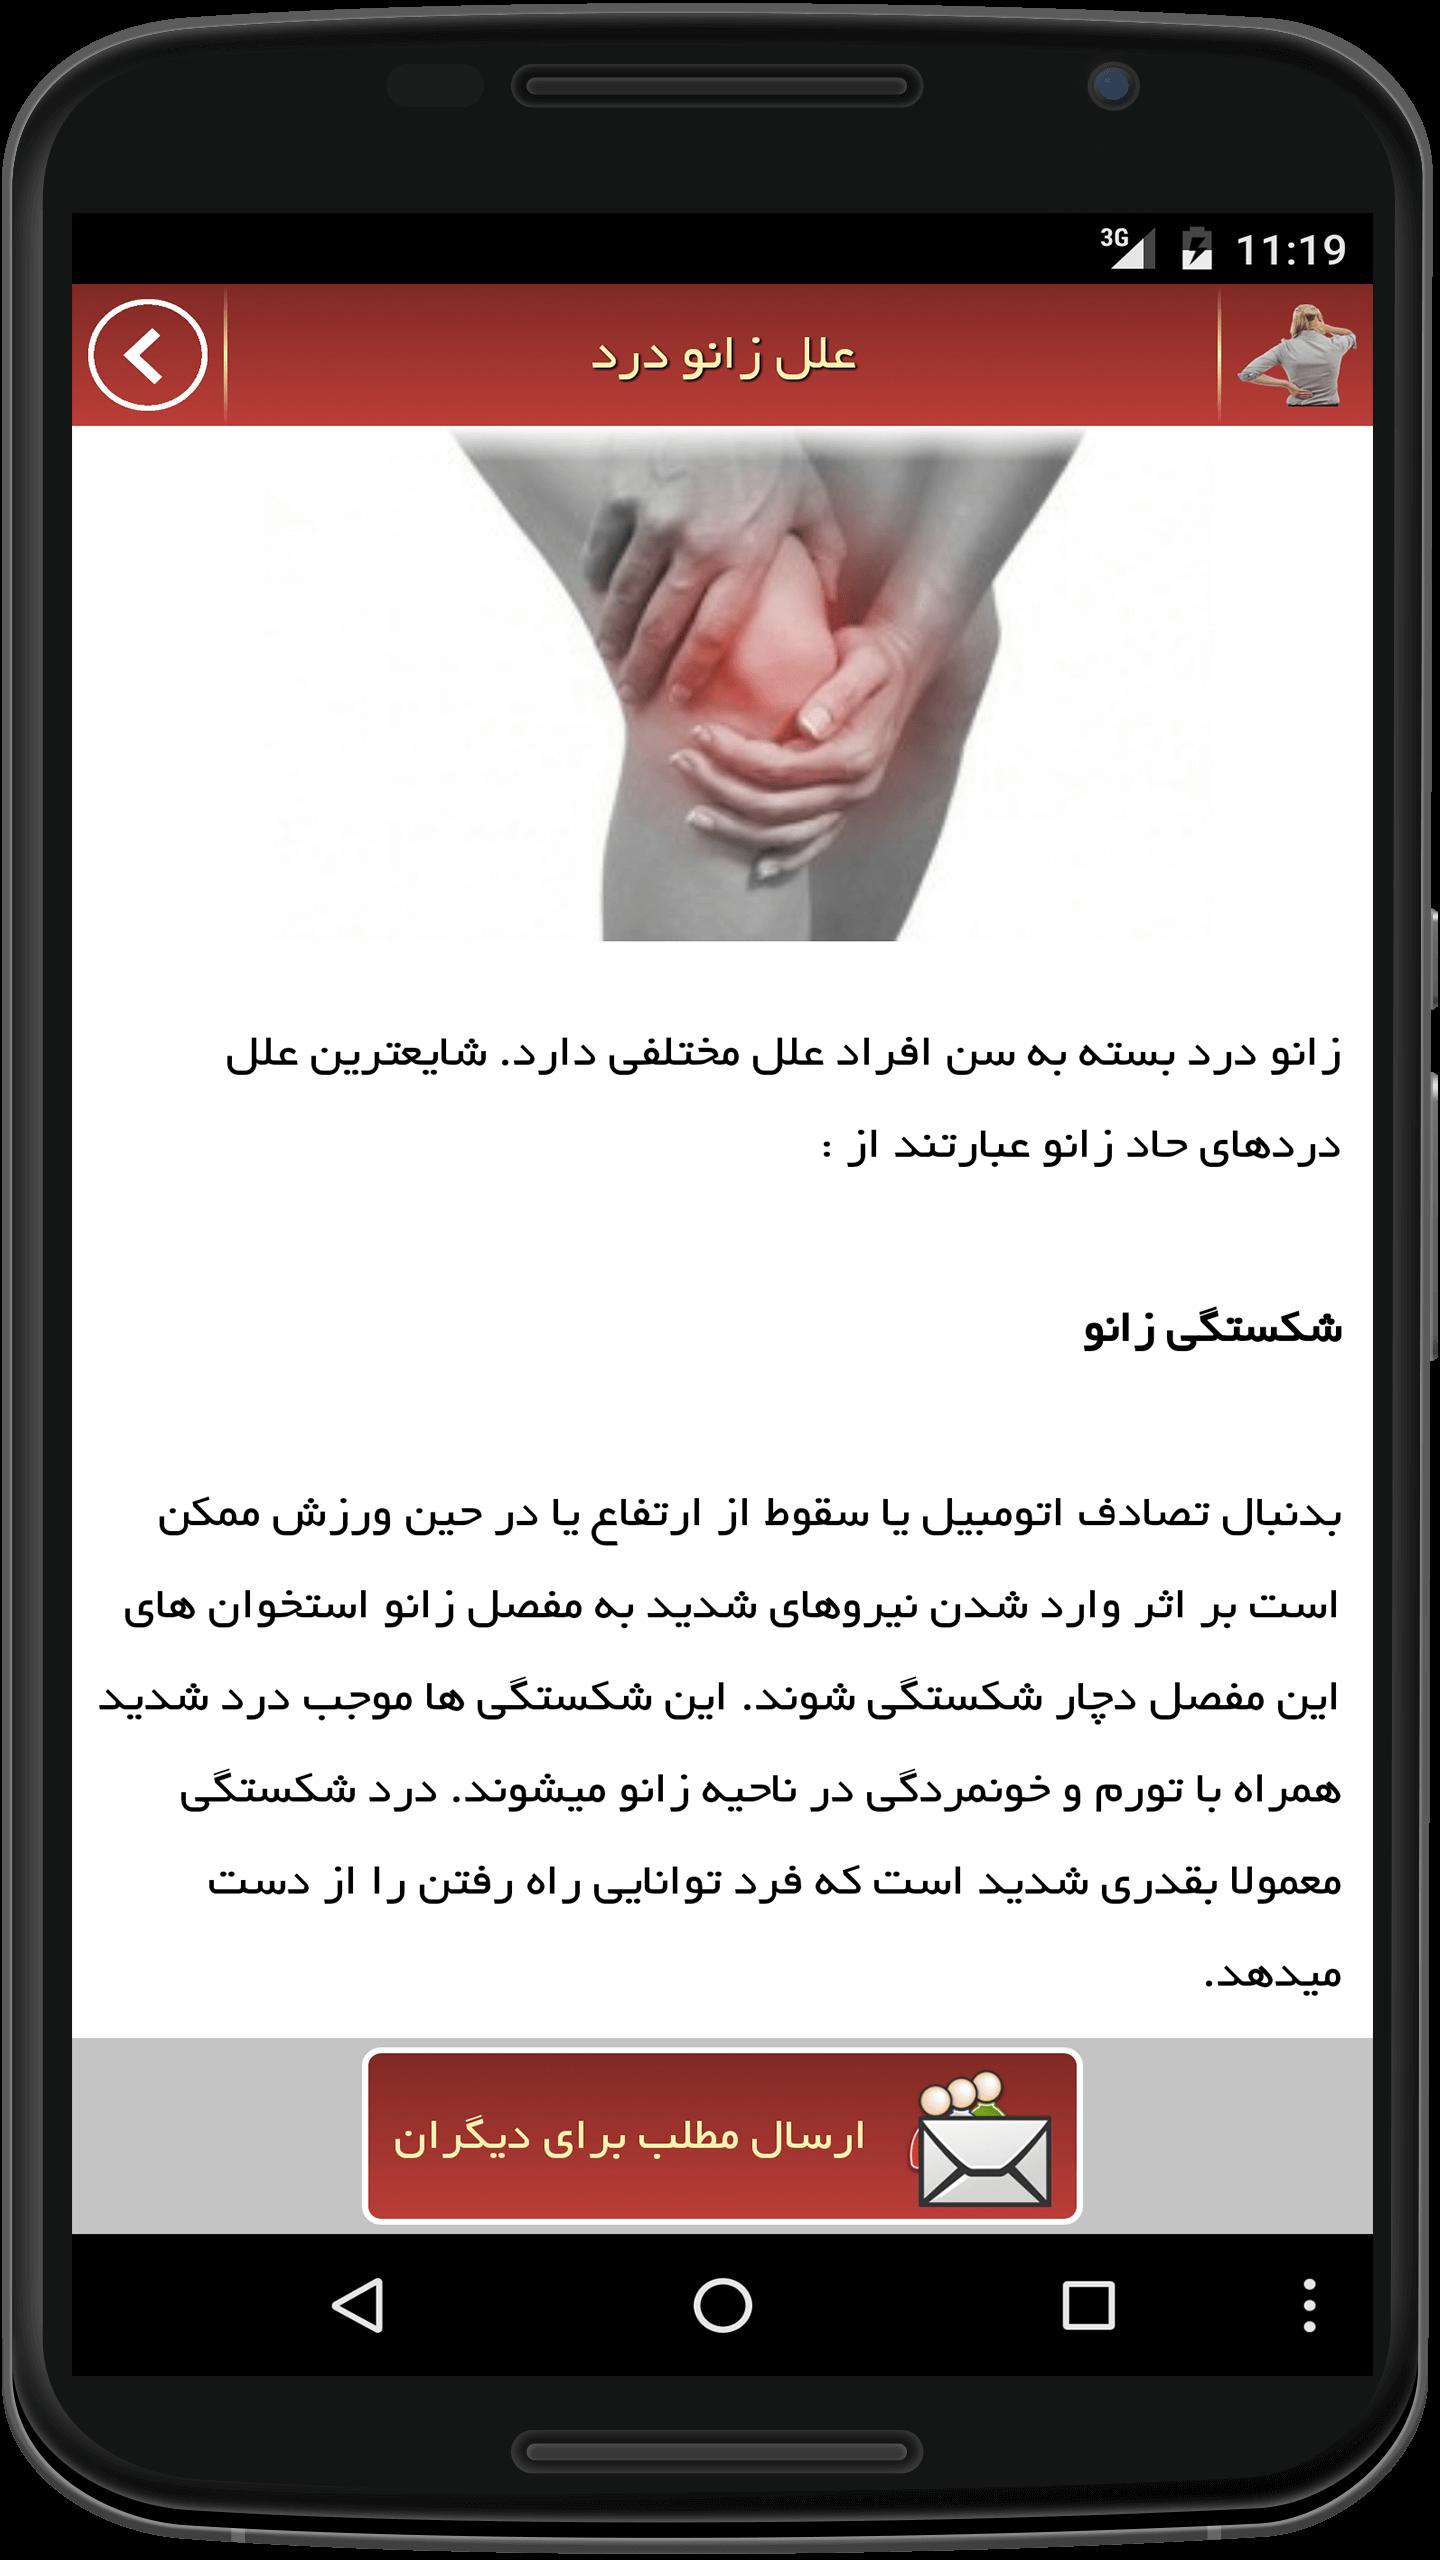 اپلیکیشن درمان درد کمر ، گردن و زانو | علل کمر درد | درمان گردن درد | پیشگیری از زانو درد